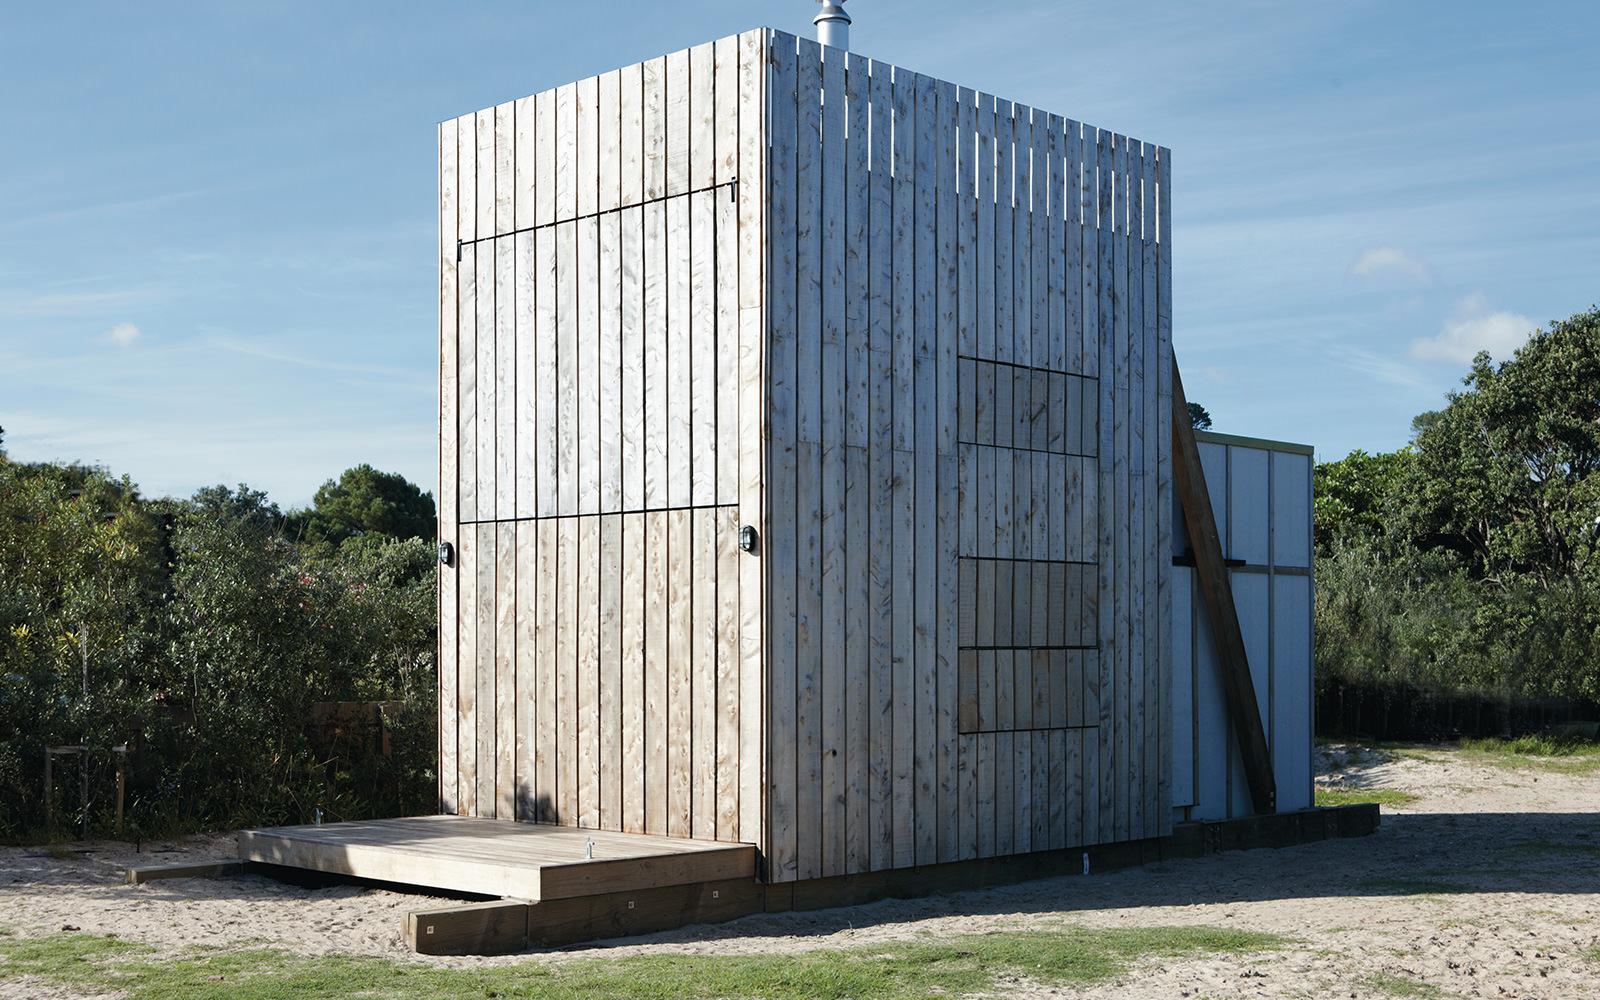 Portable kitchen island new zealand - Hut On Sleds Whangapoua